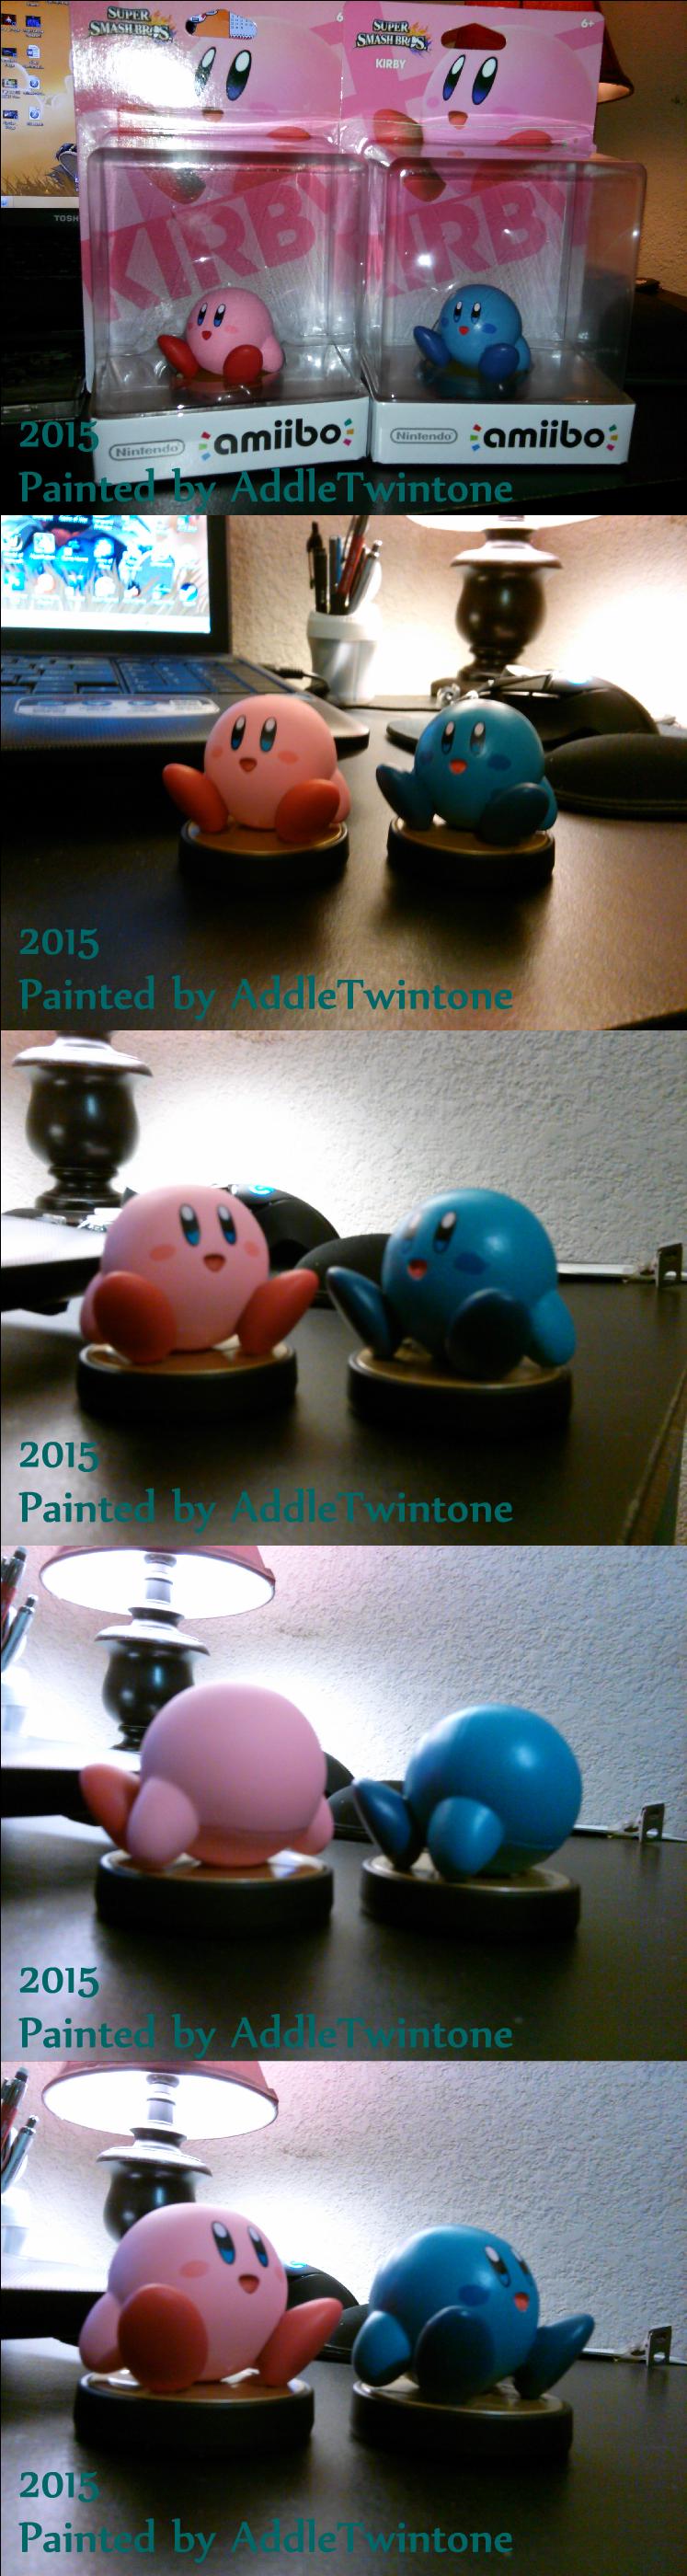 [P] Kirby amiibo Repaint